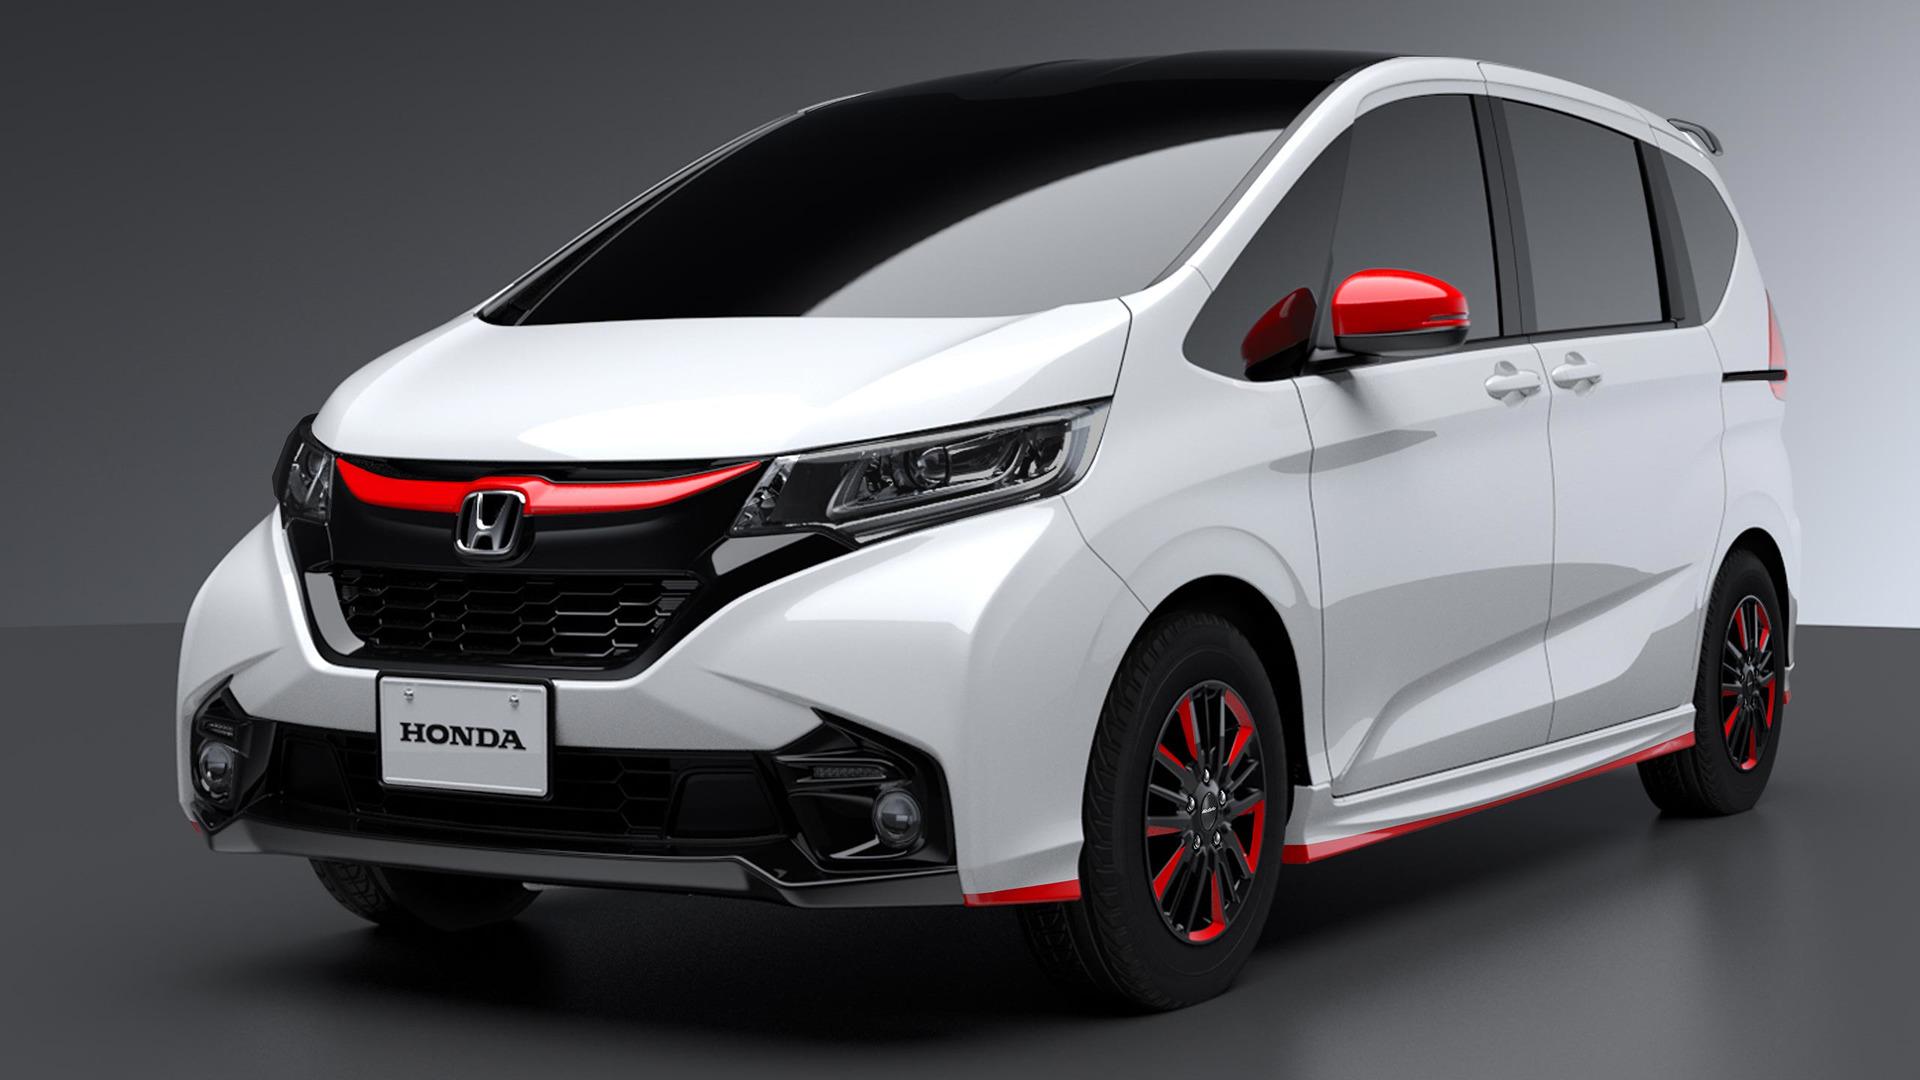 2017 Honda Lineup >> Honda Tokyo Auto Salon 2017 Lineup Motor1 Com Photos